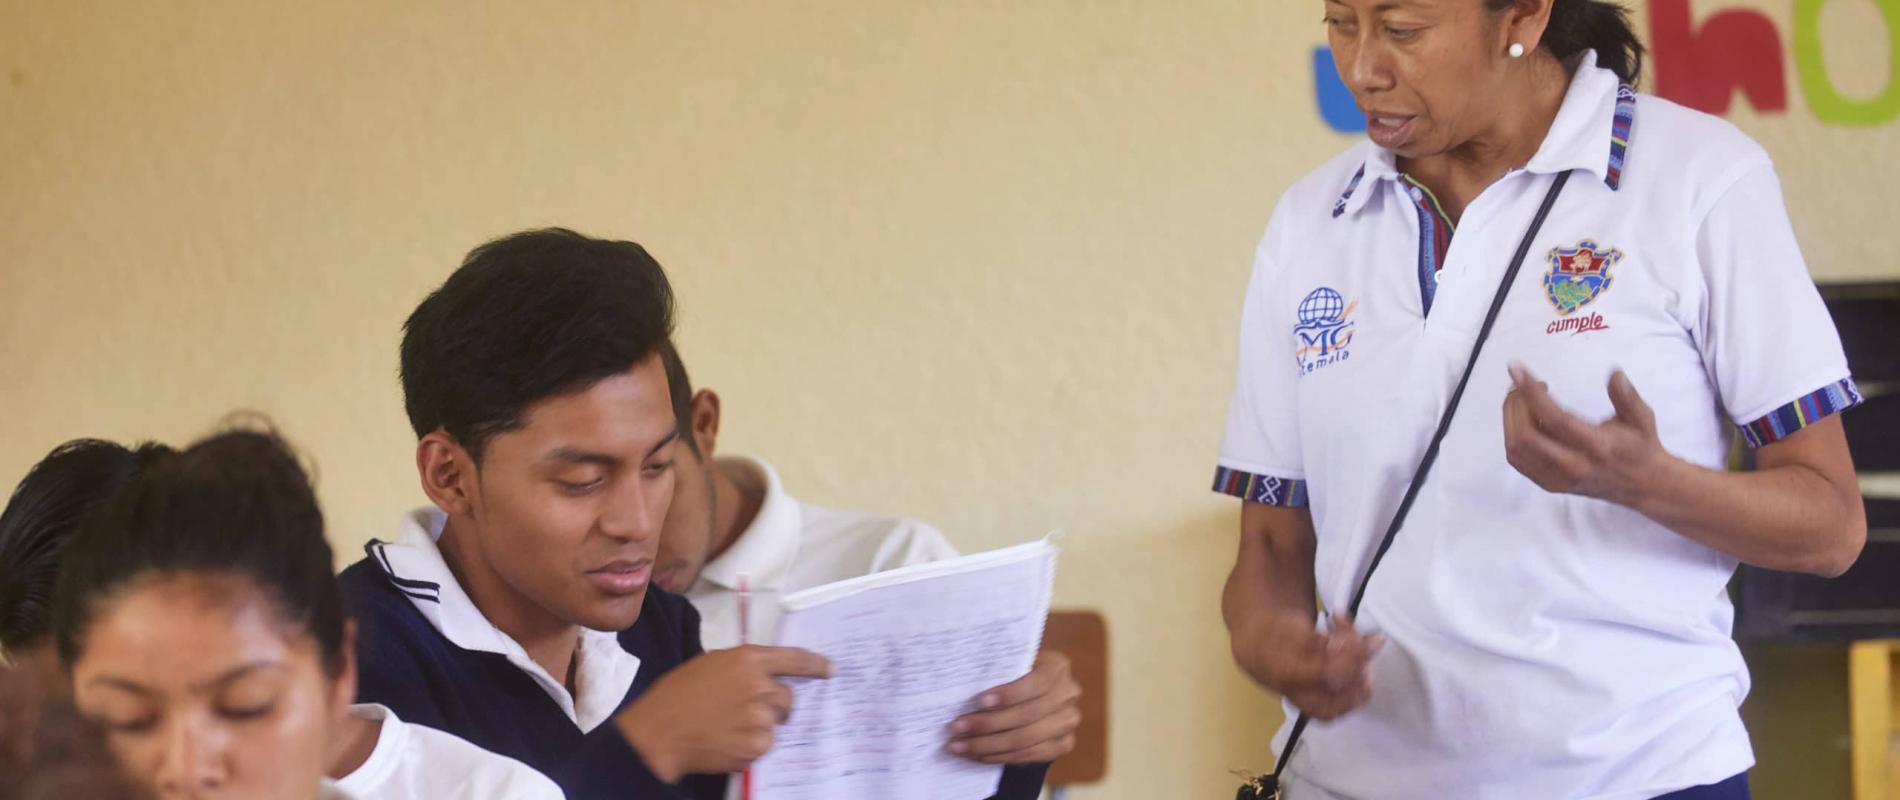 Guatemala Guatemala city instituto Santa Maria AMG school voor drop-outs speciaal onderwijs bij vuilstort plaats 20-3-2018 foto Jaco Klamer